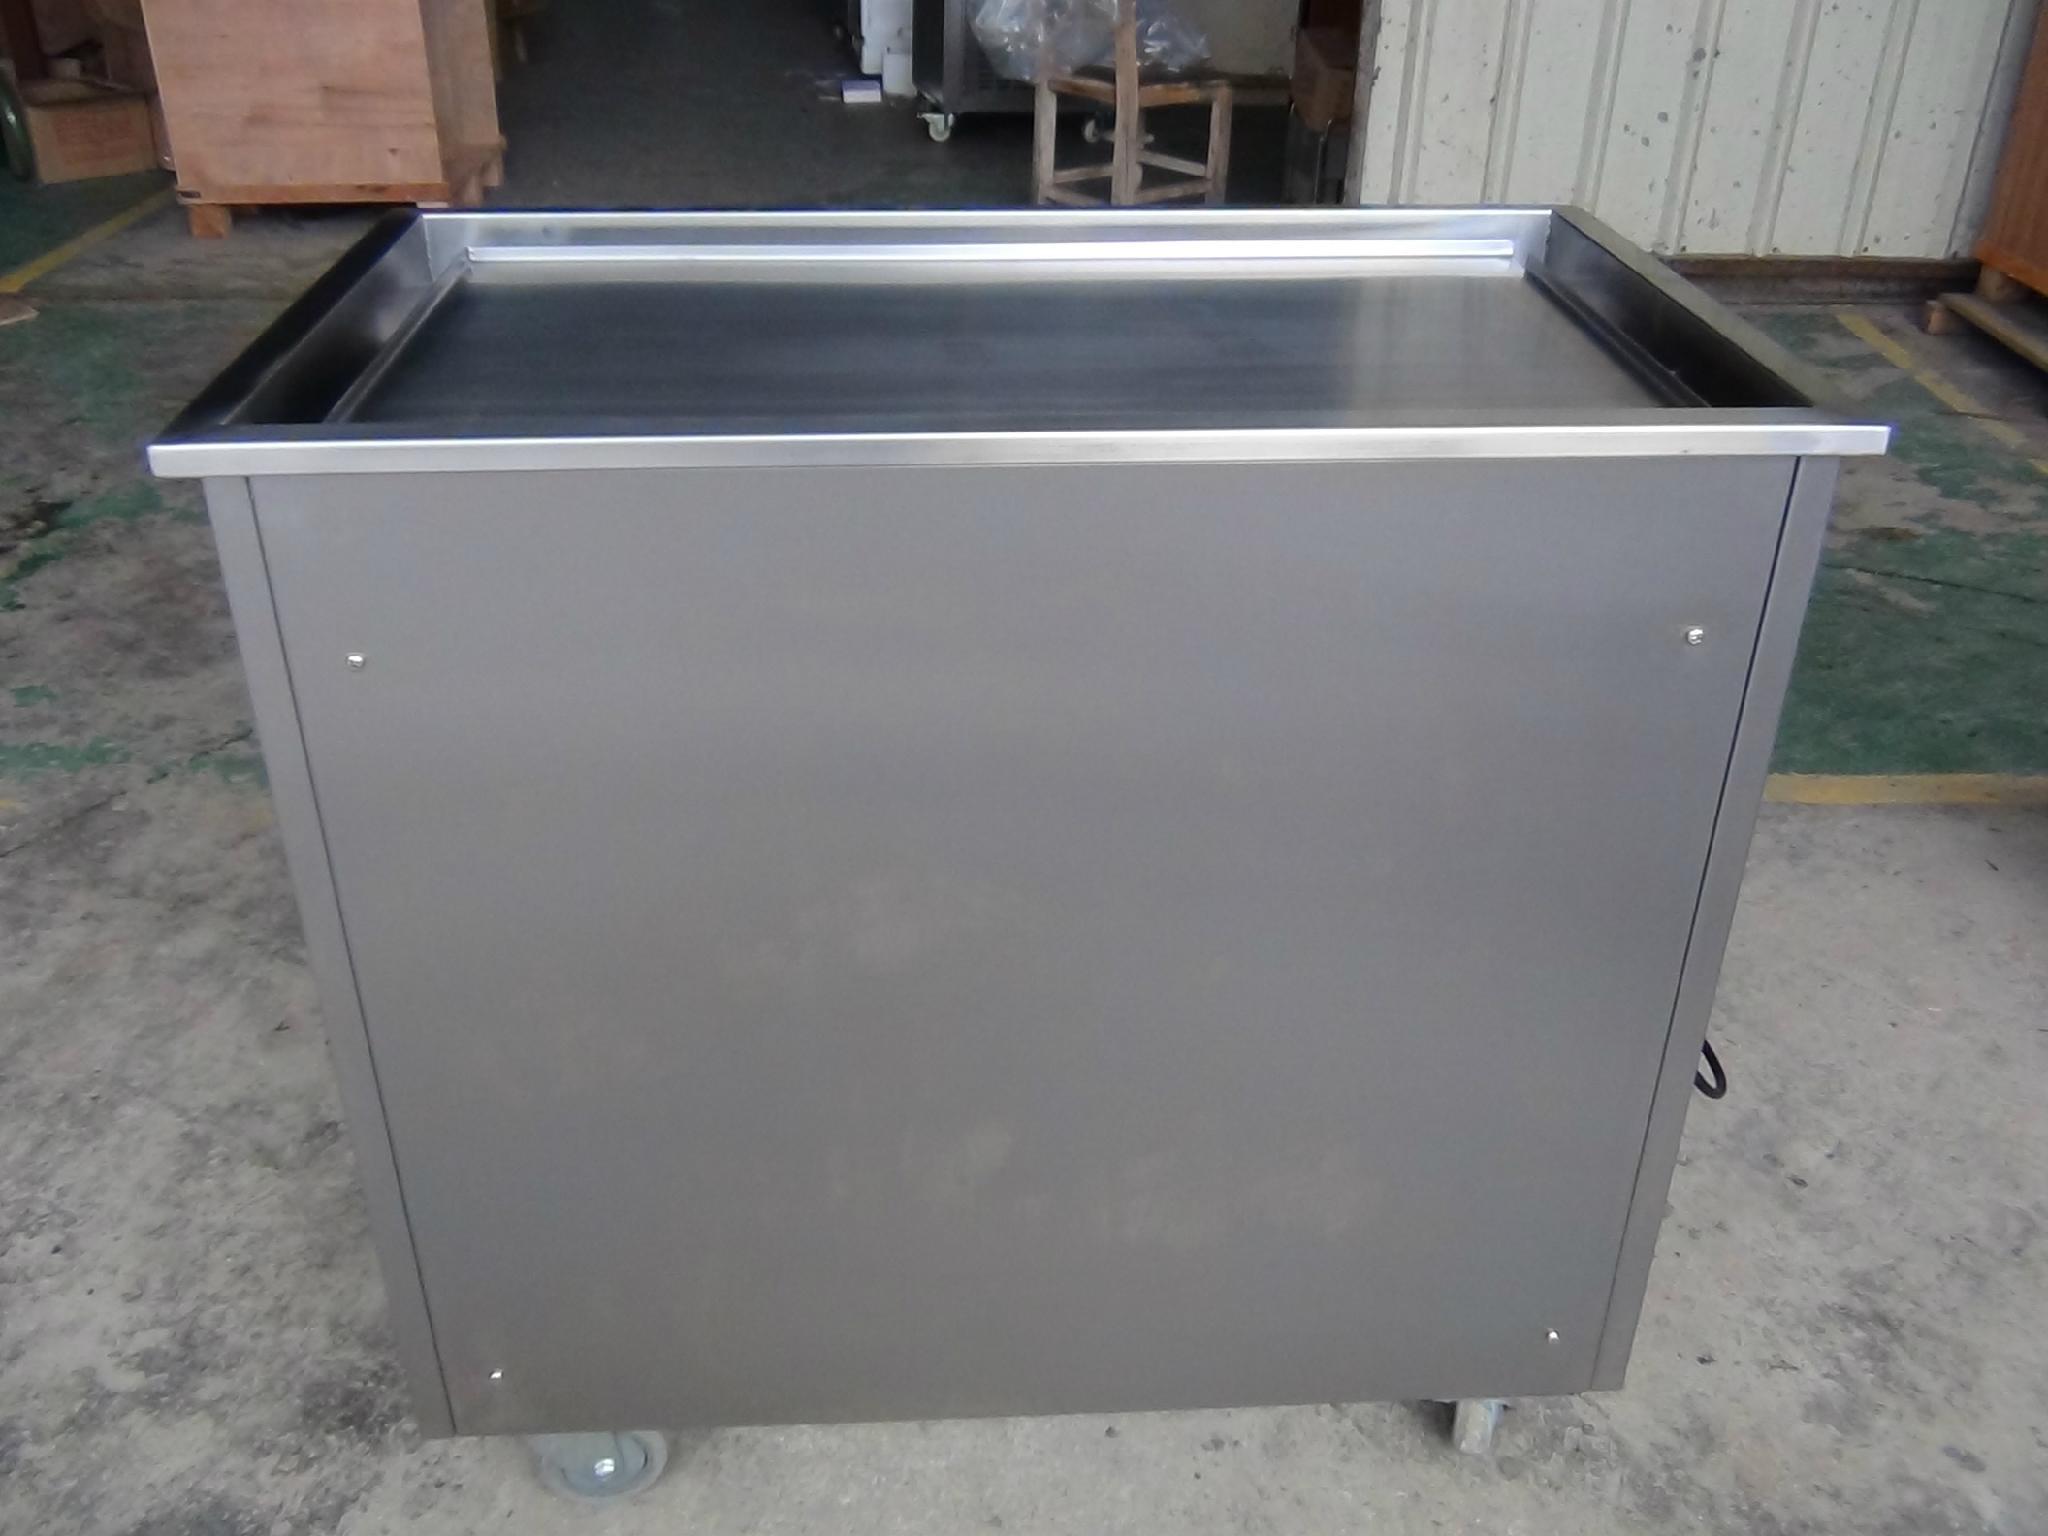 CB-100方盘炒冰机,炒冰机什么牌子好 3